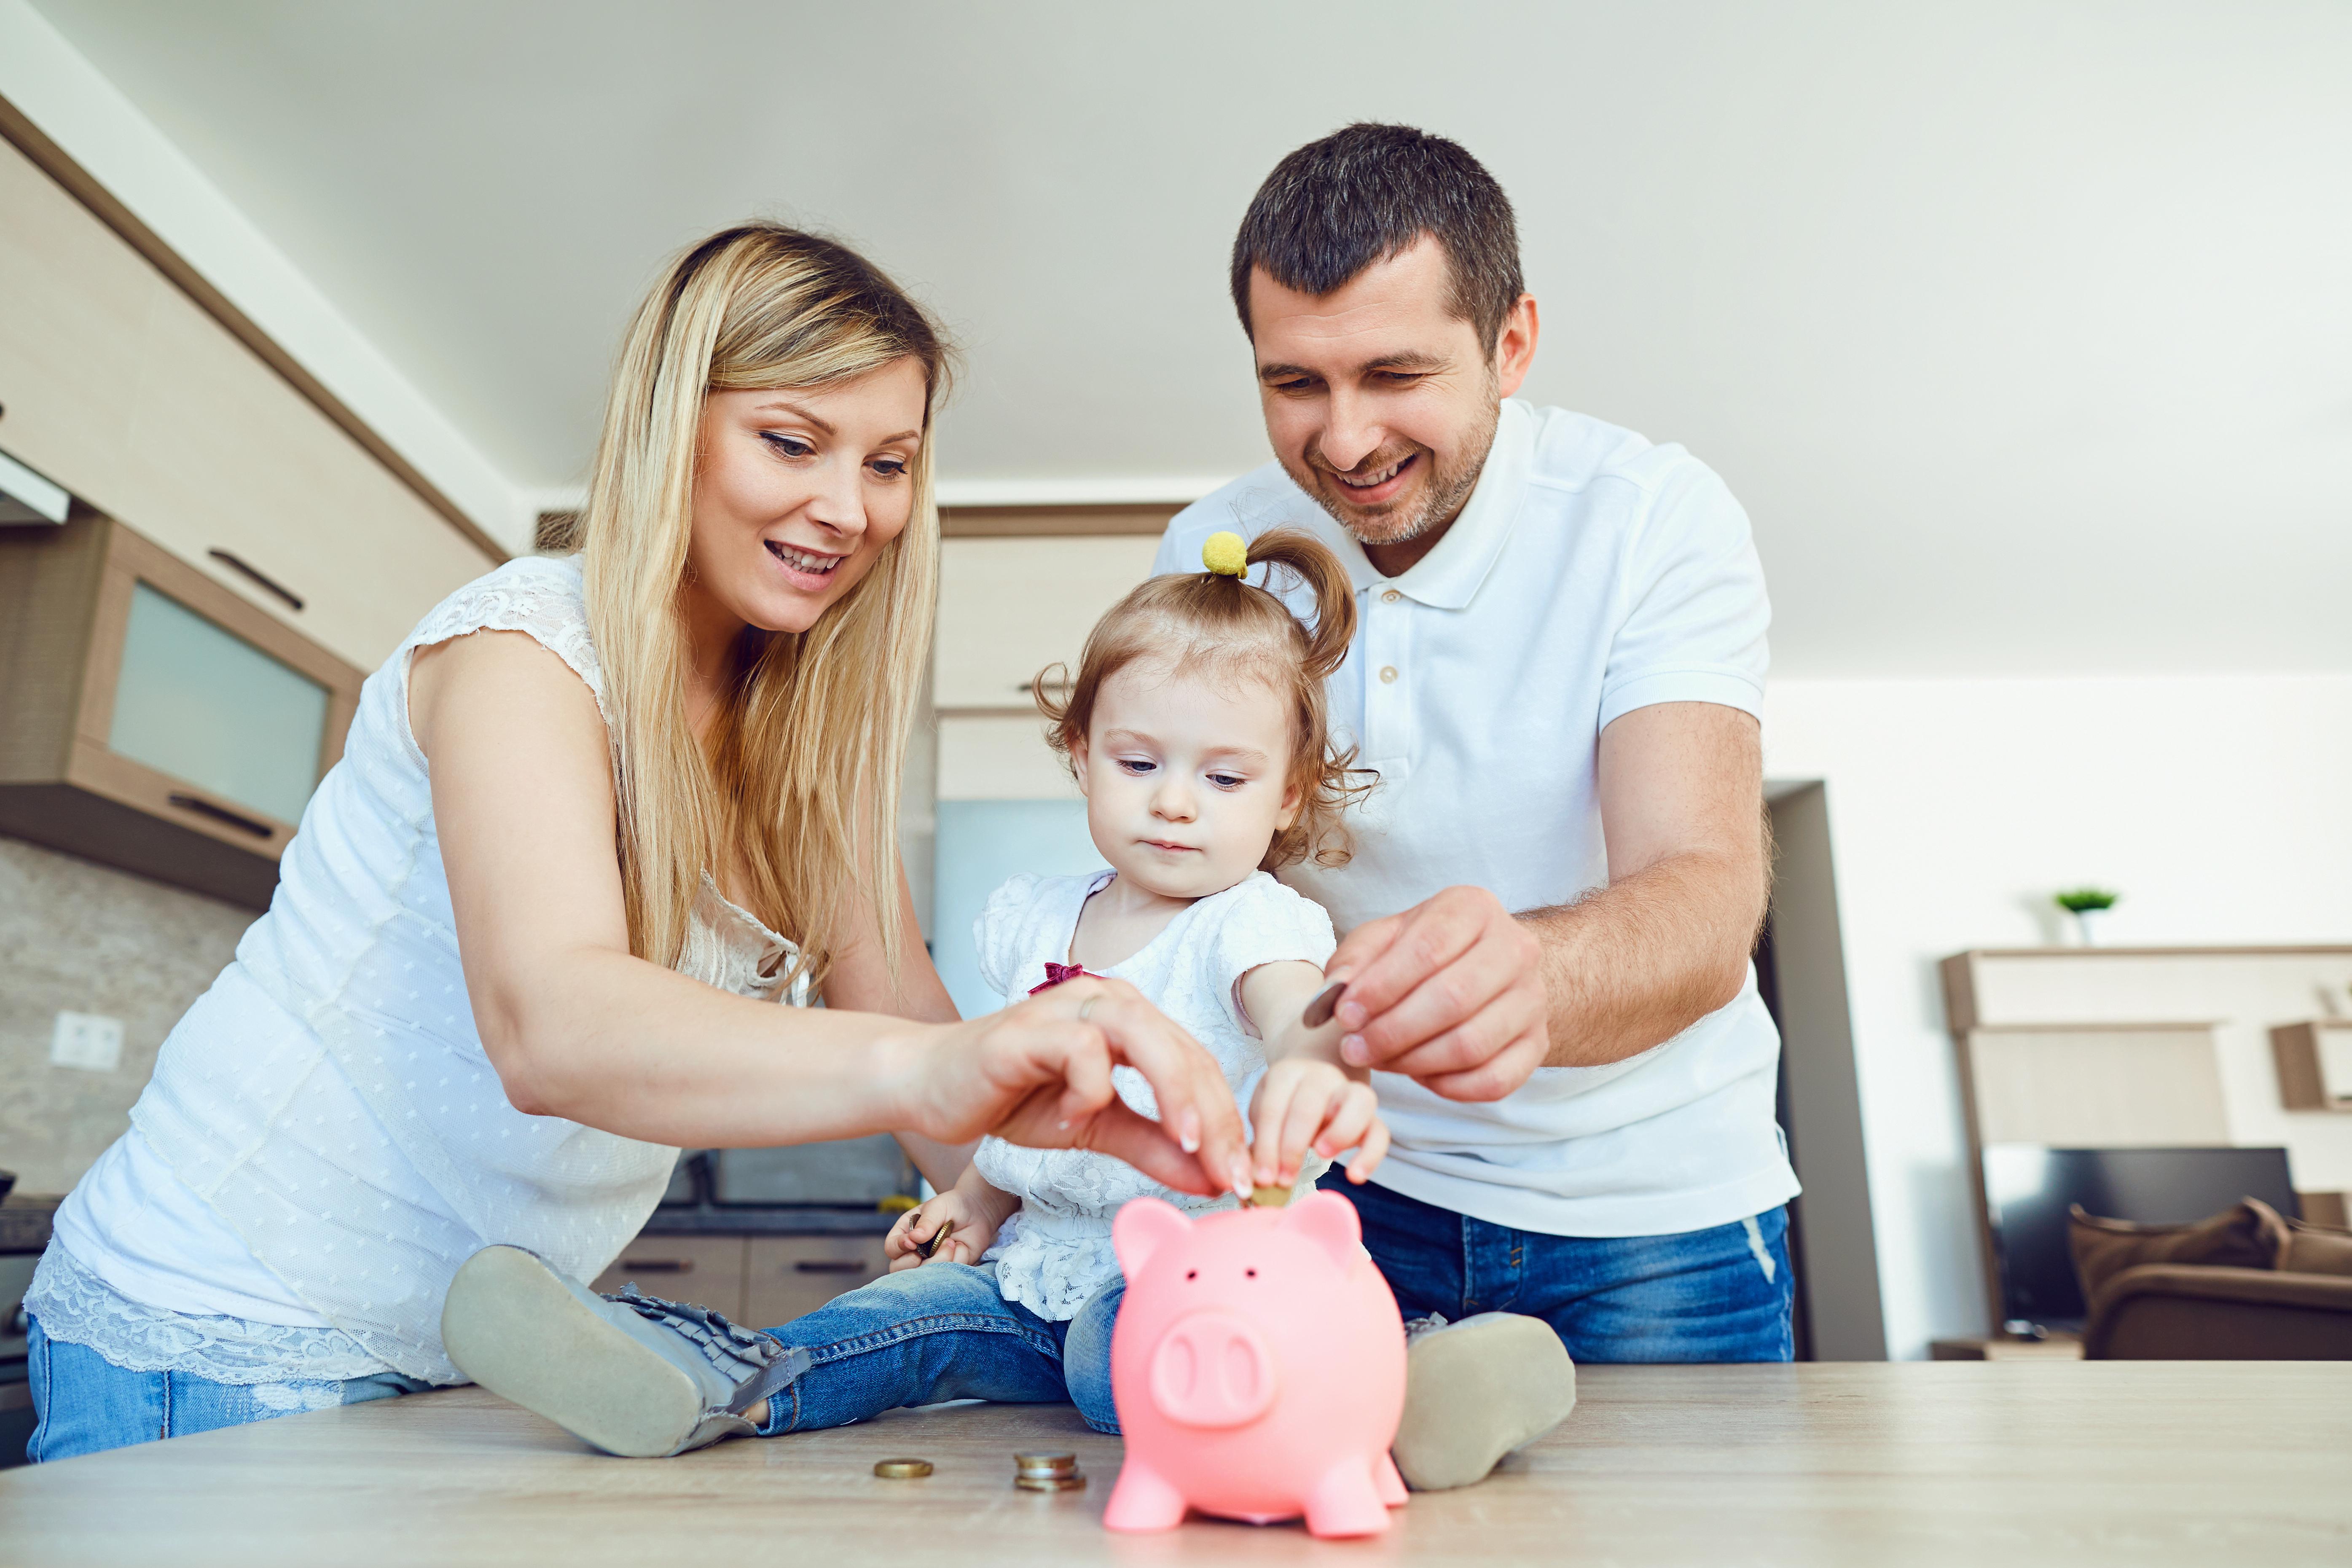 pareja joven con un bebe metiendo dinero en una hucha de cerdito